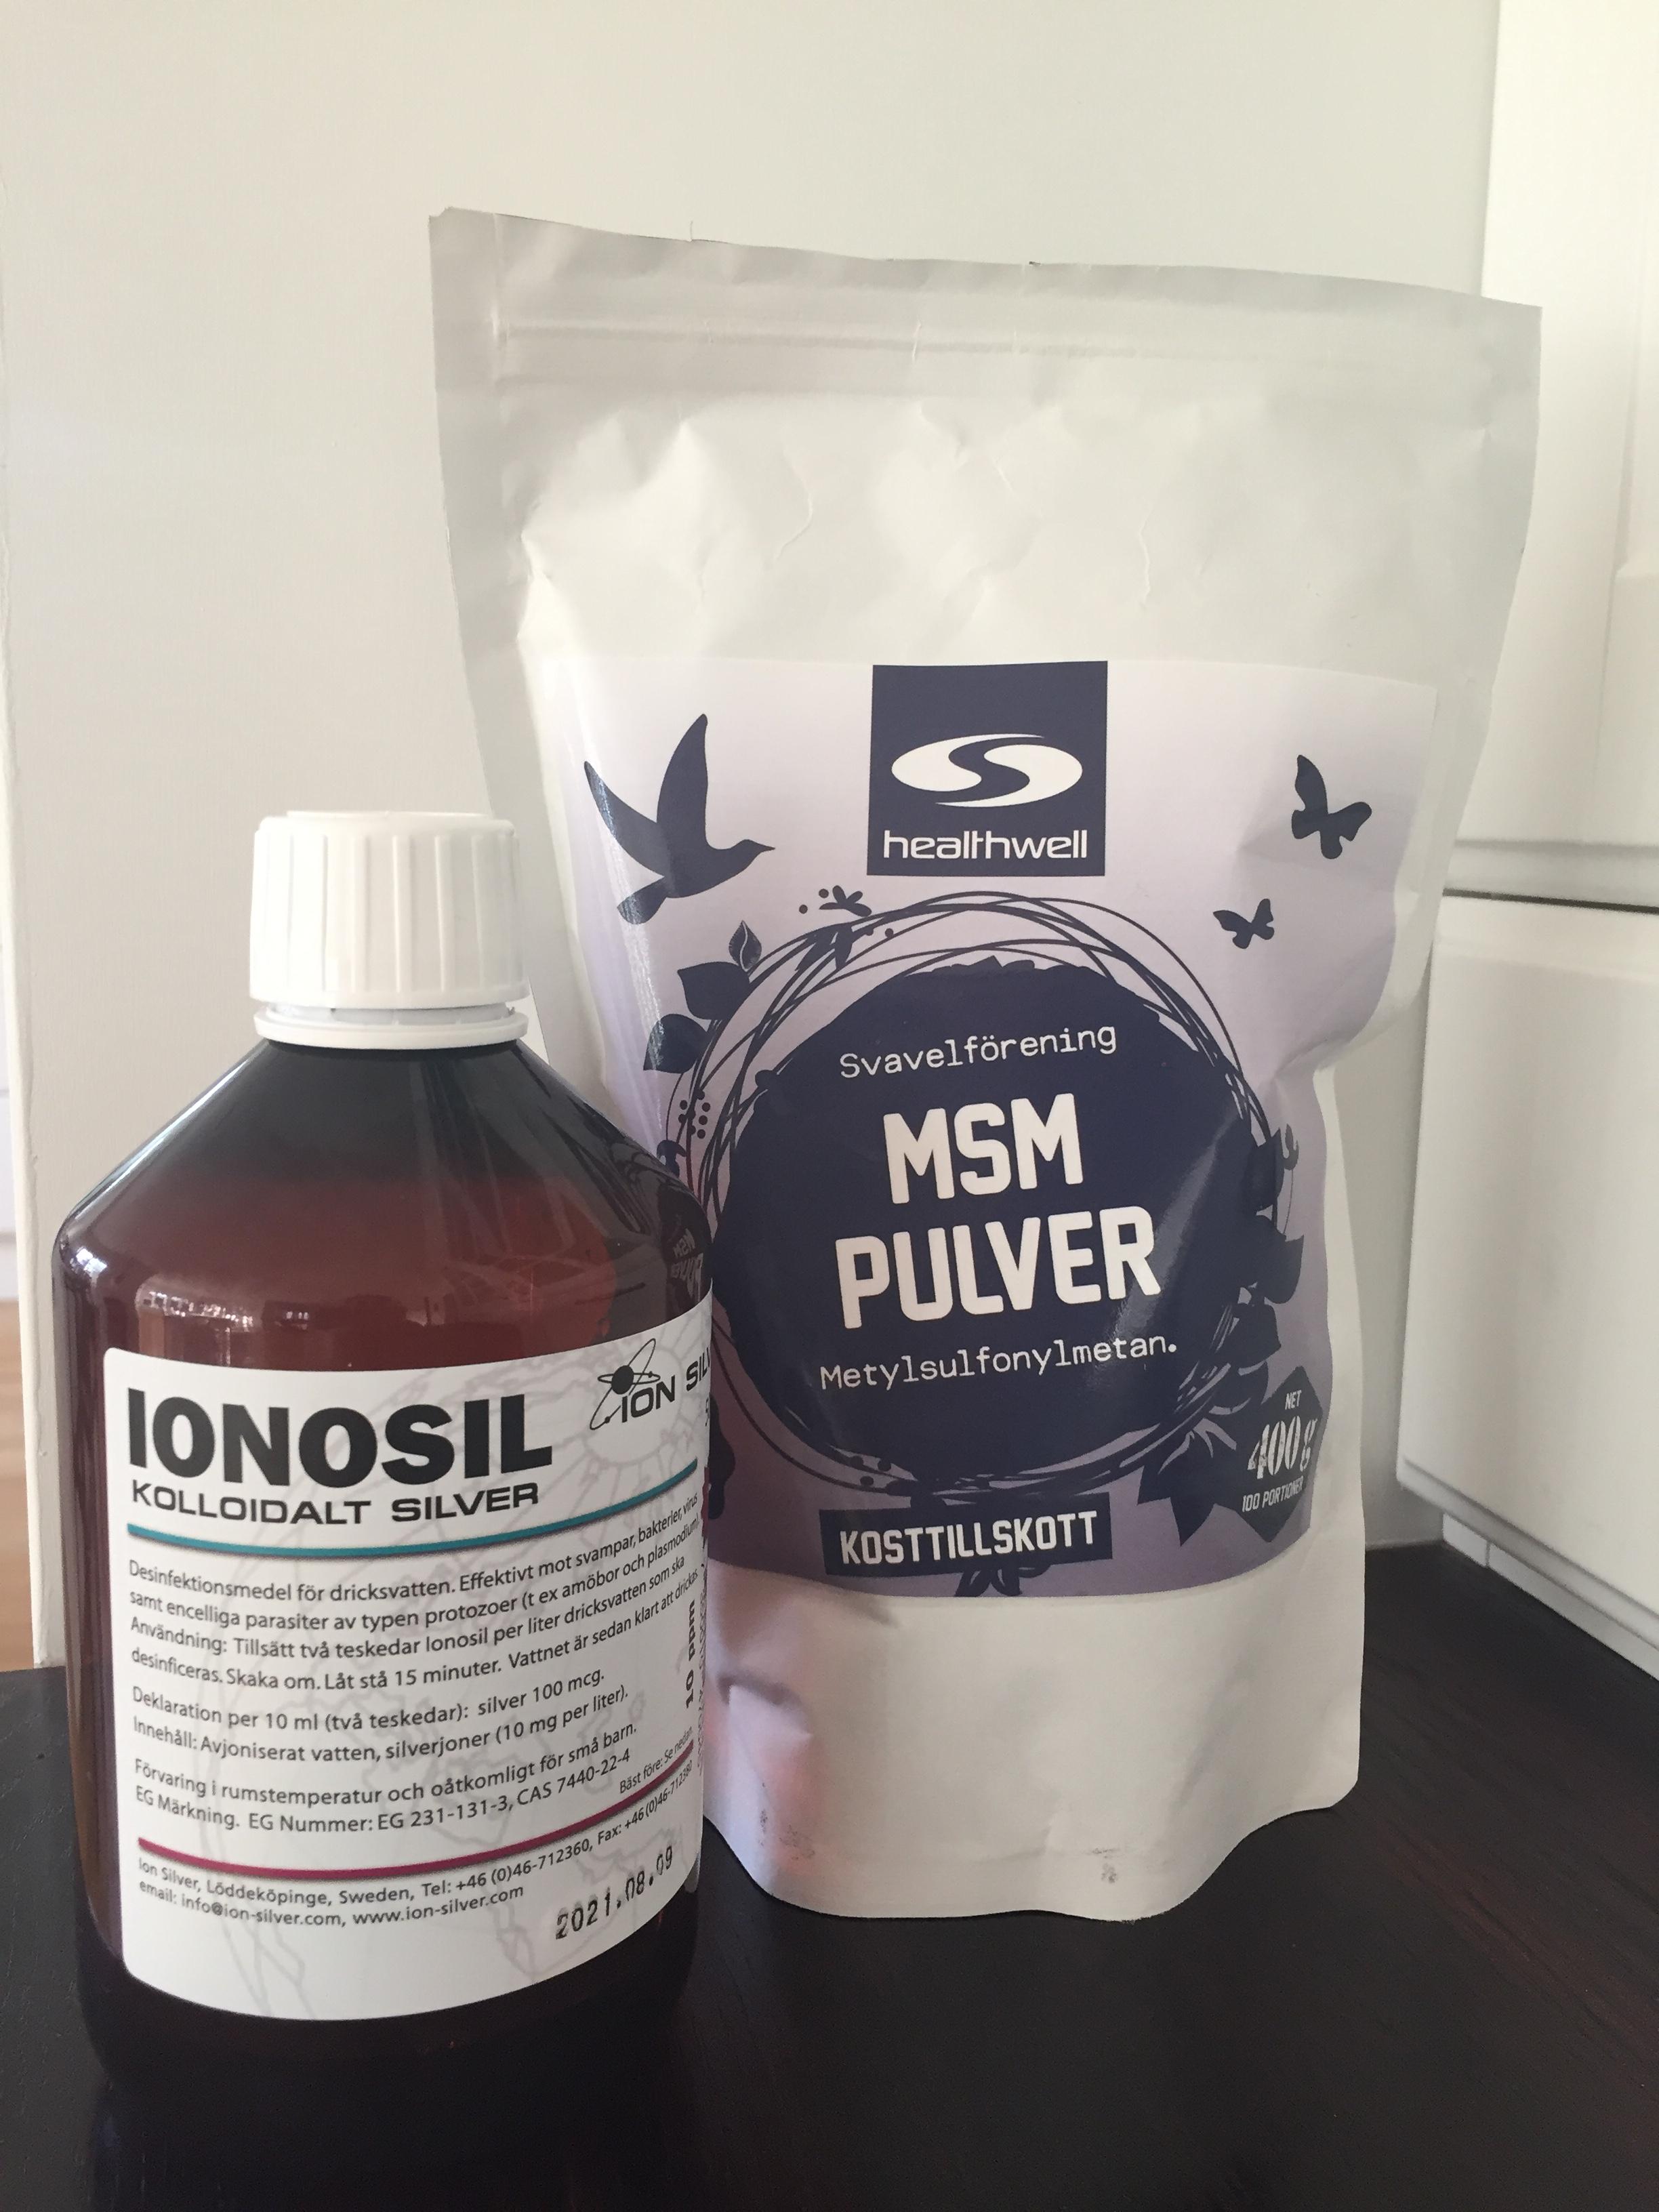 Kolloidalt silver och MSM